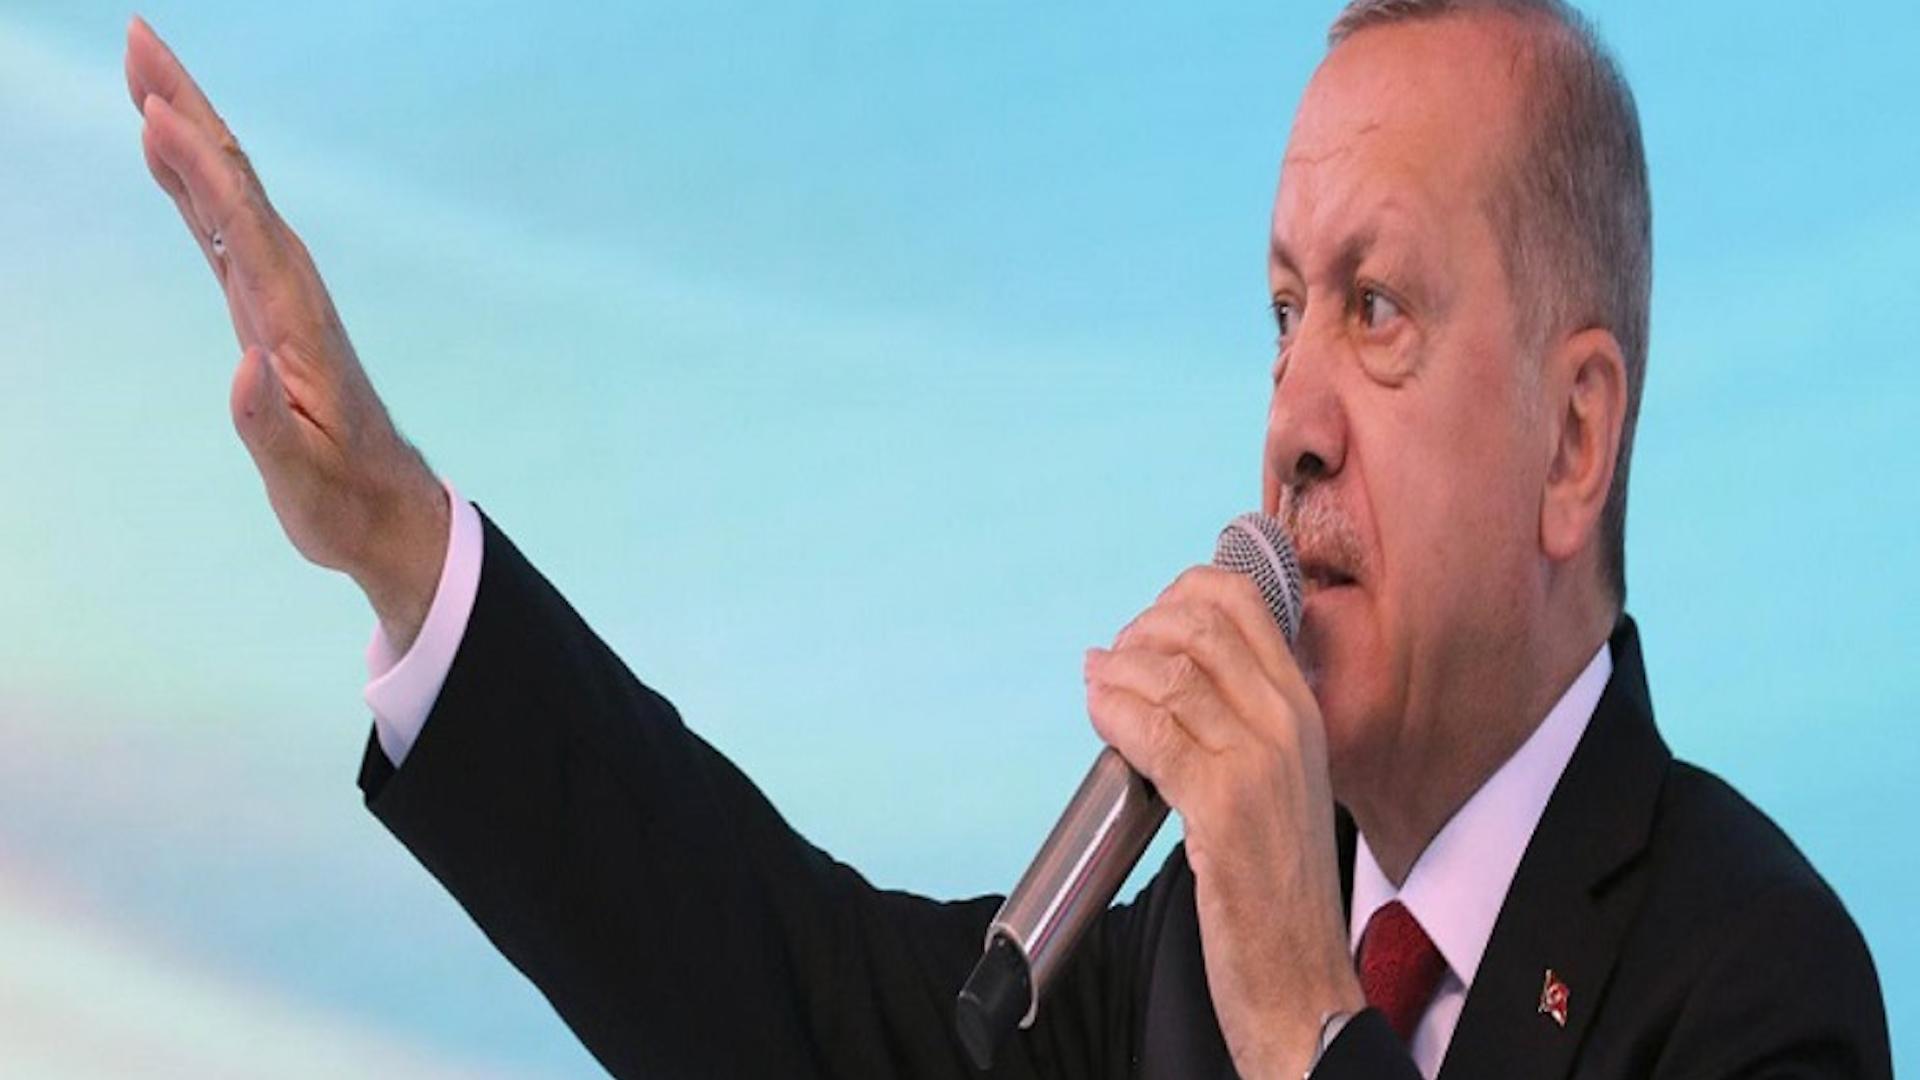 Photo of صحيفة أمريكية: أردوغان يزعم الدفاع عن الفلسطينيين بينما يشن حملات تطهير عرقي ضد الكرد